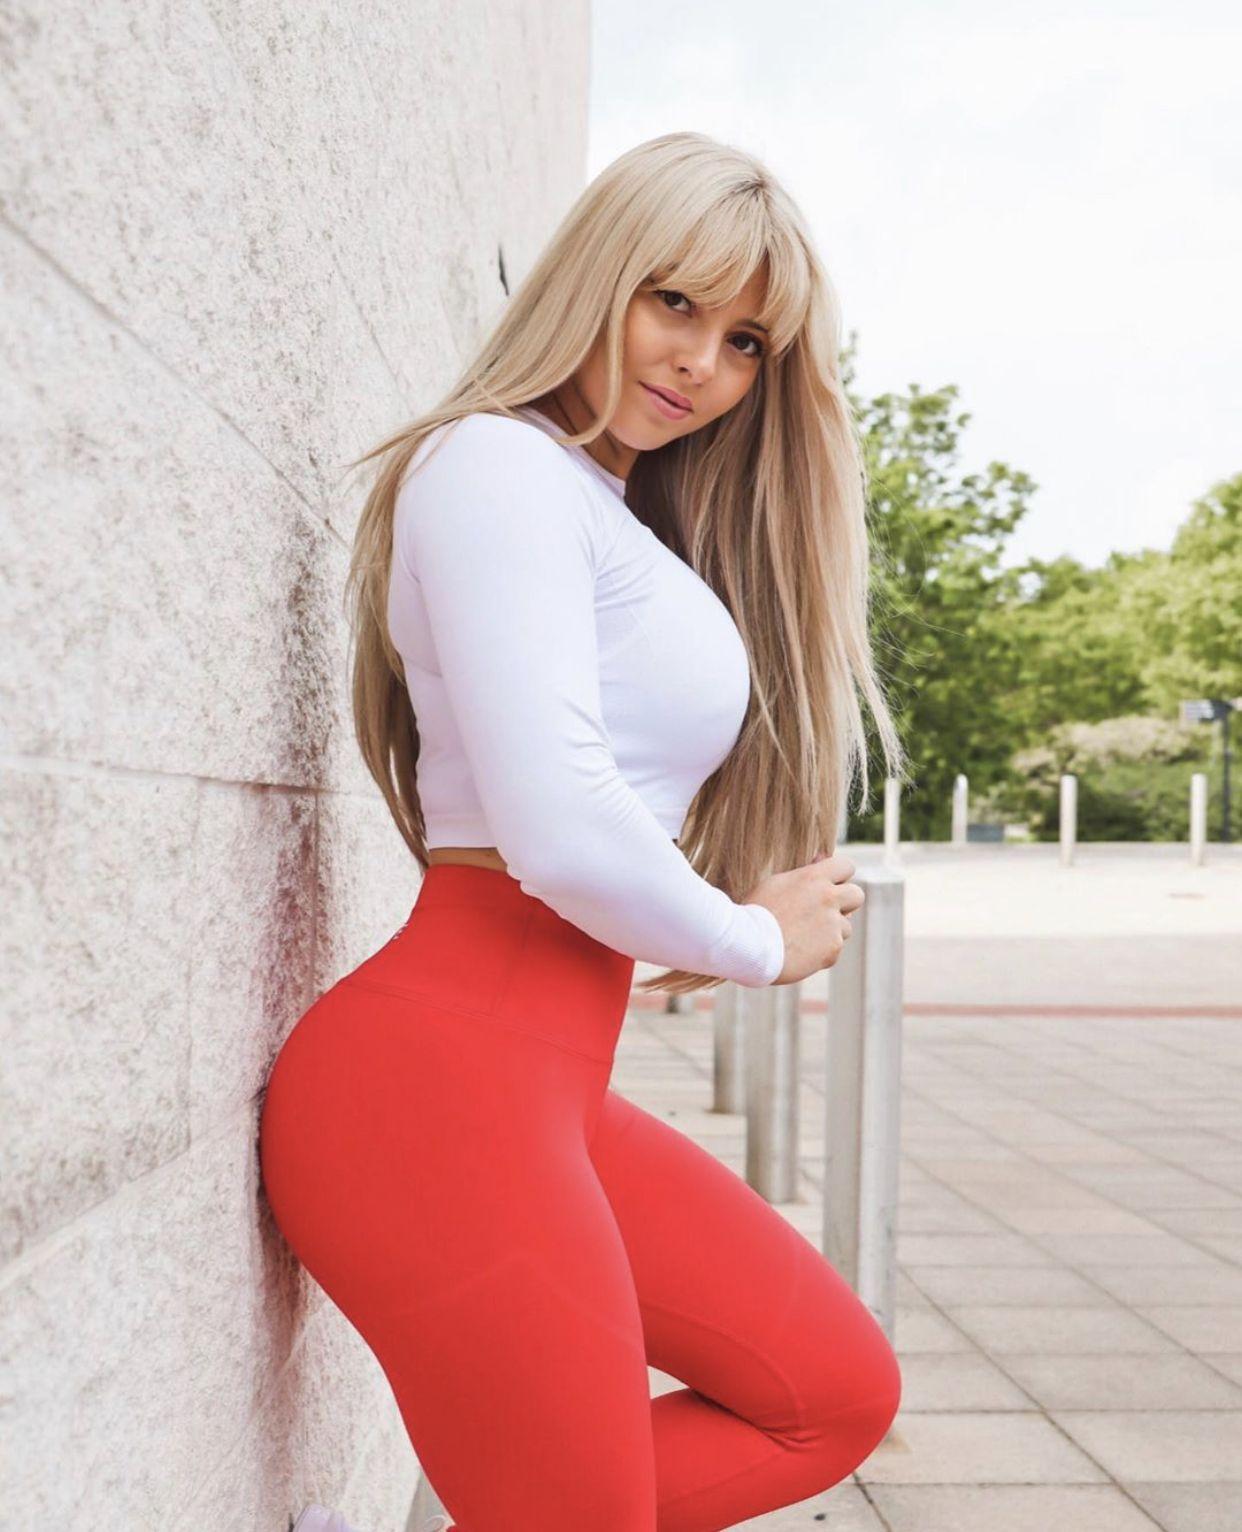 Tight big tits blonde